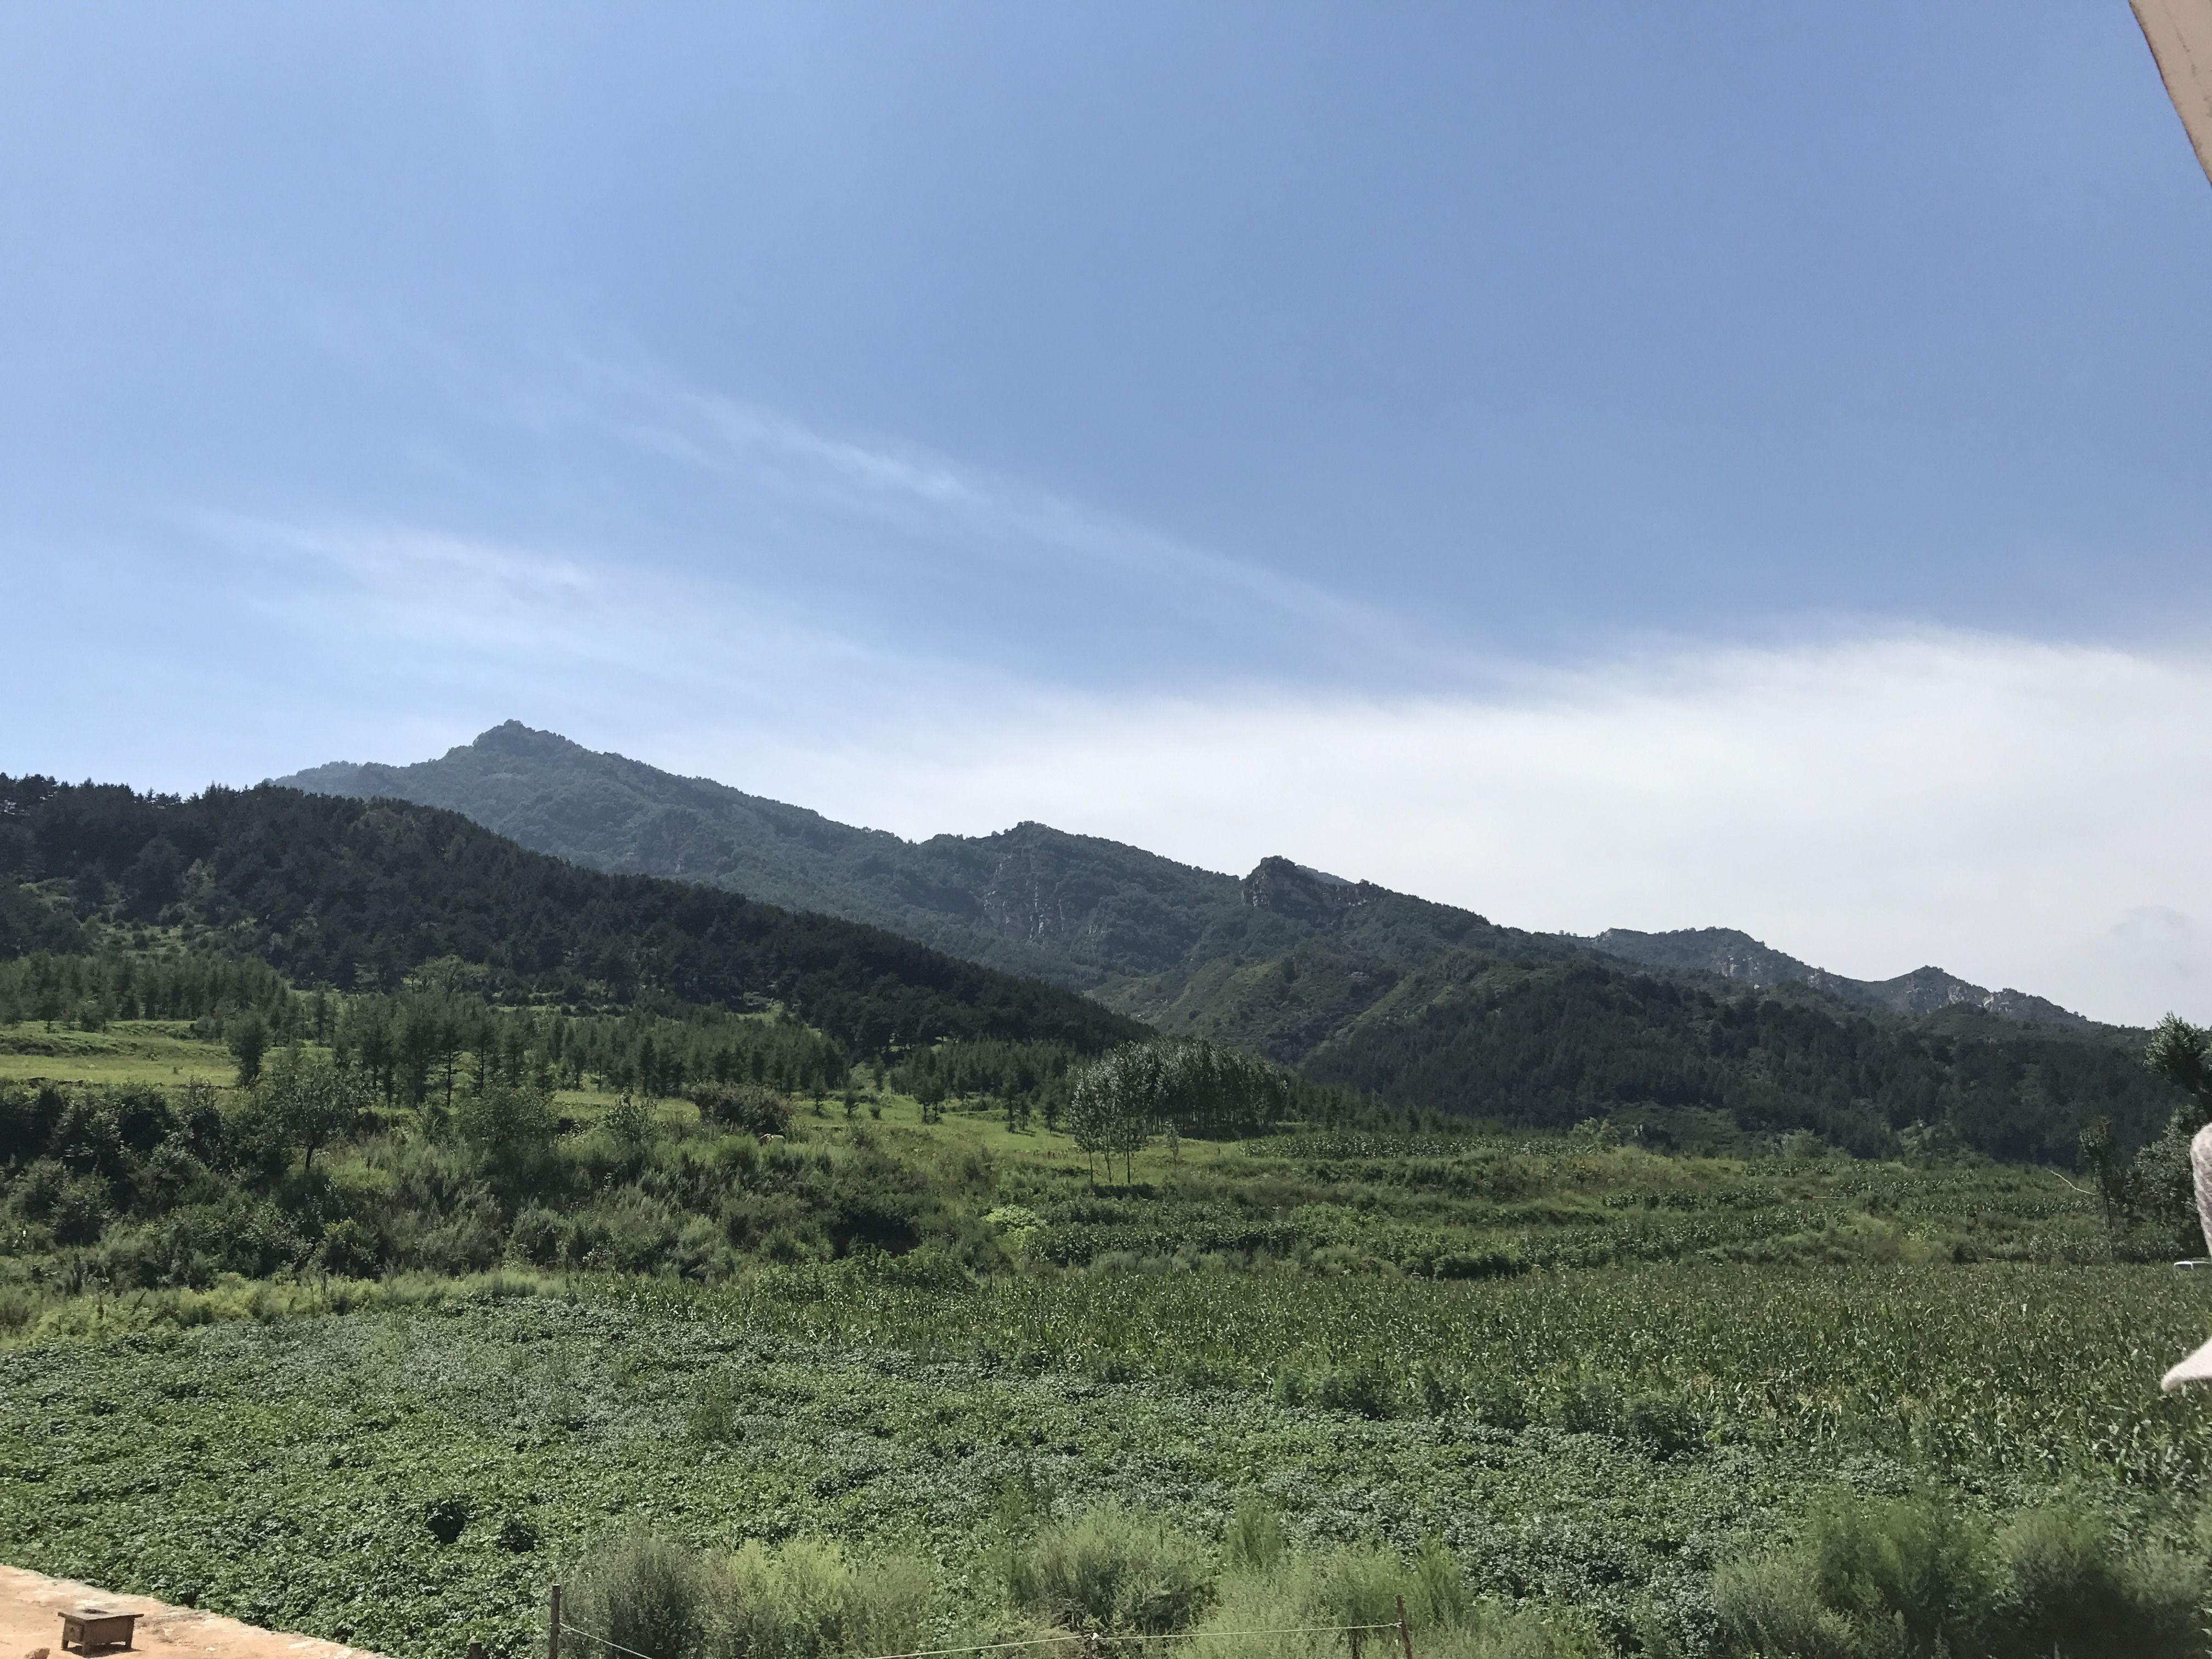 山驼梁自然生态风景区